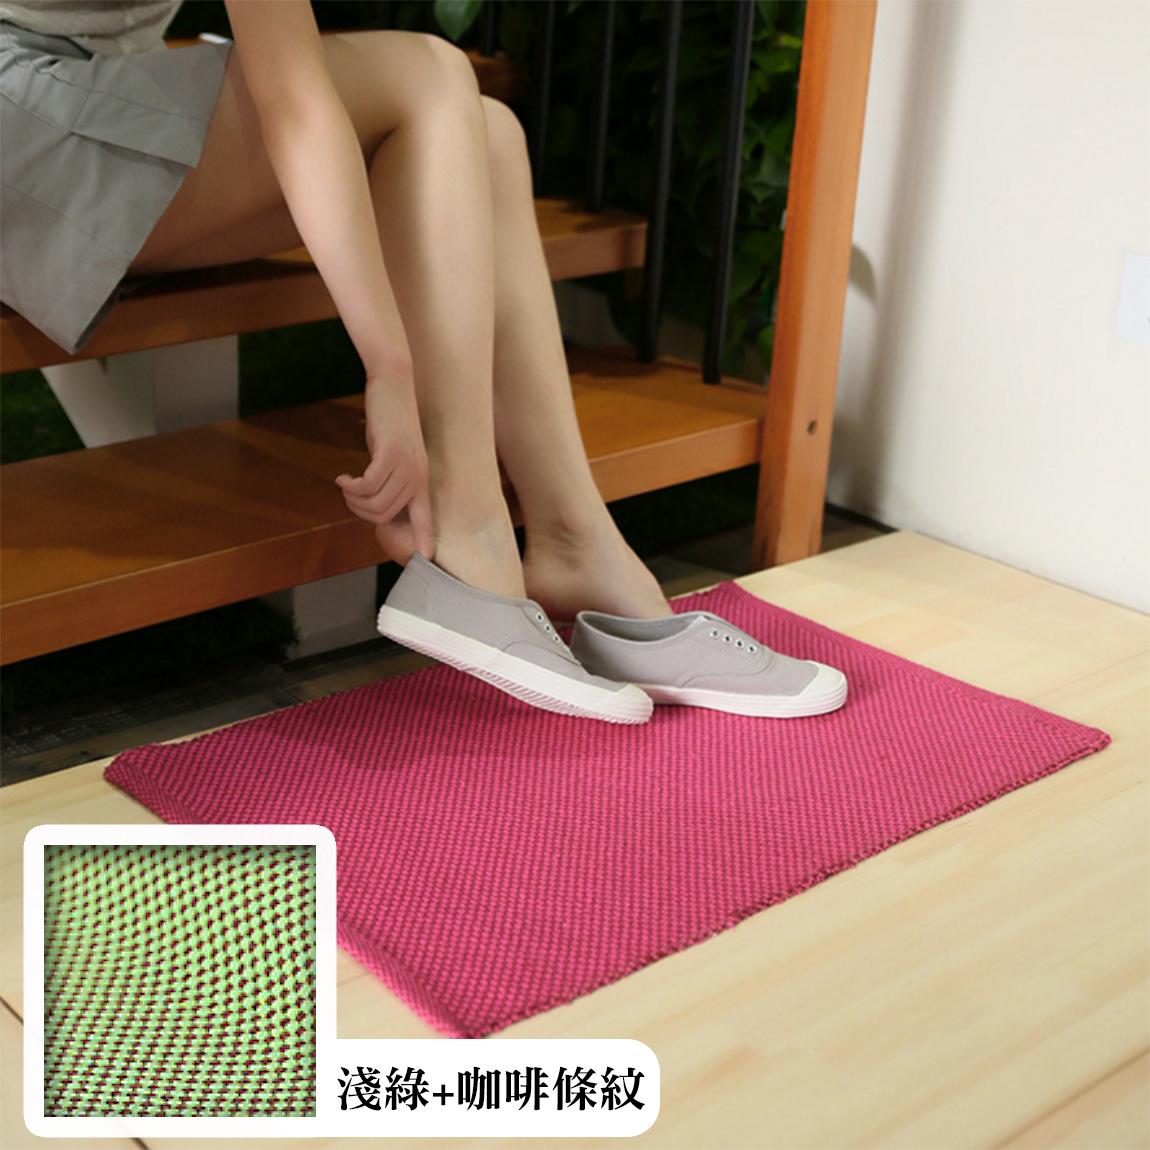 日式棉質編織防滑地墊 雙色編織~淺綠 咖啡條紋~